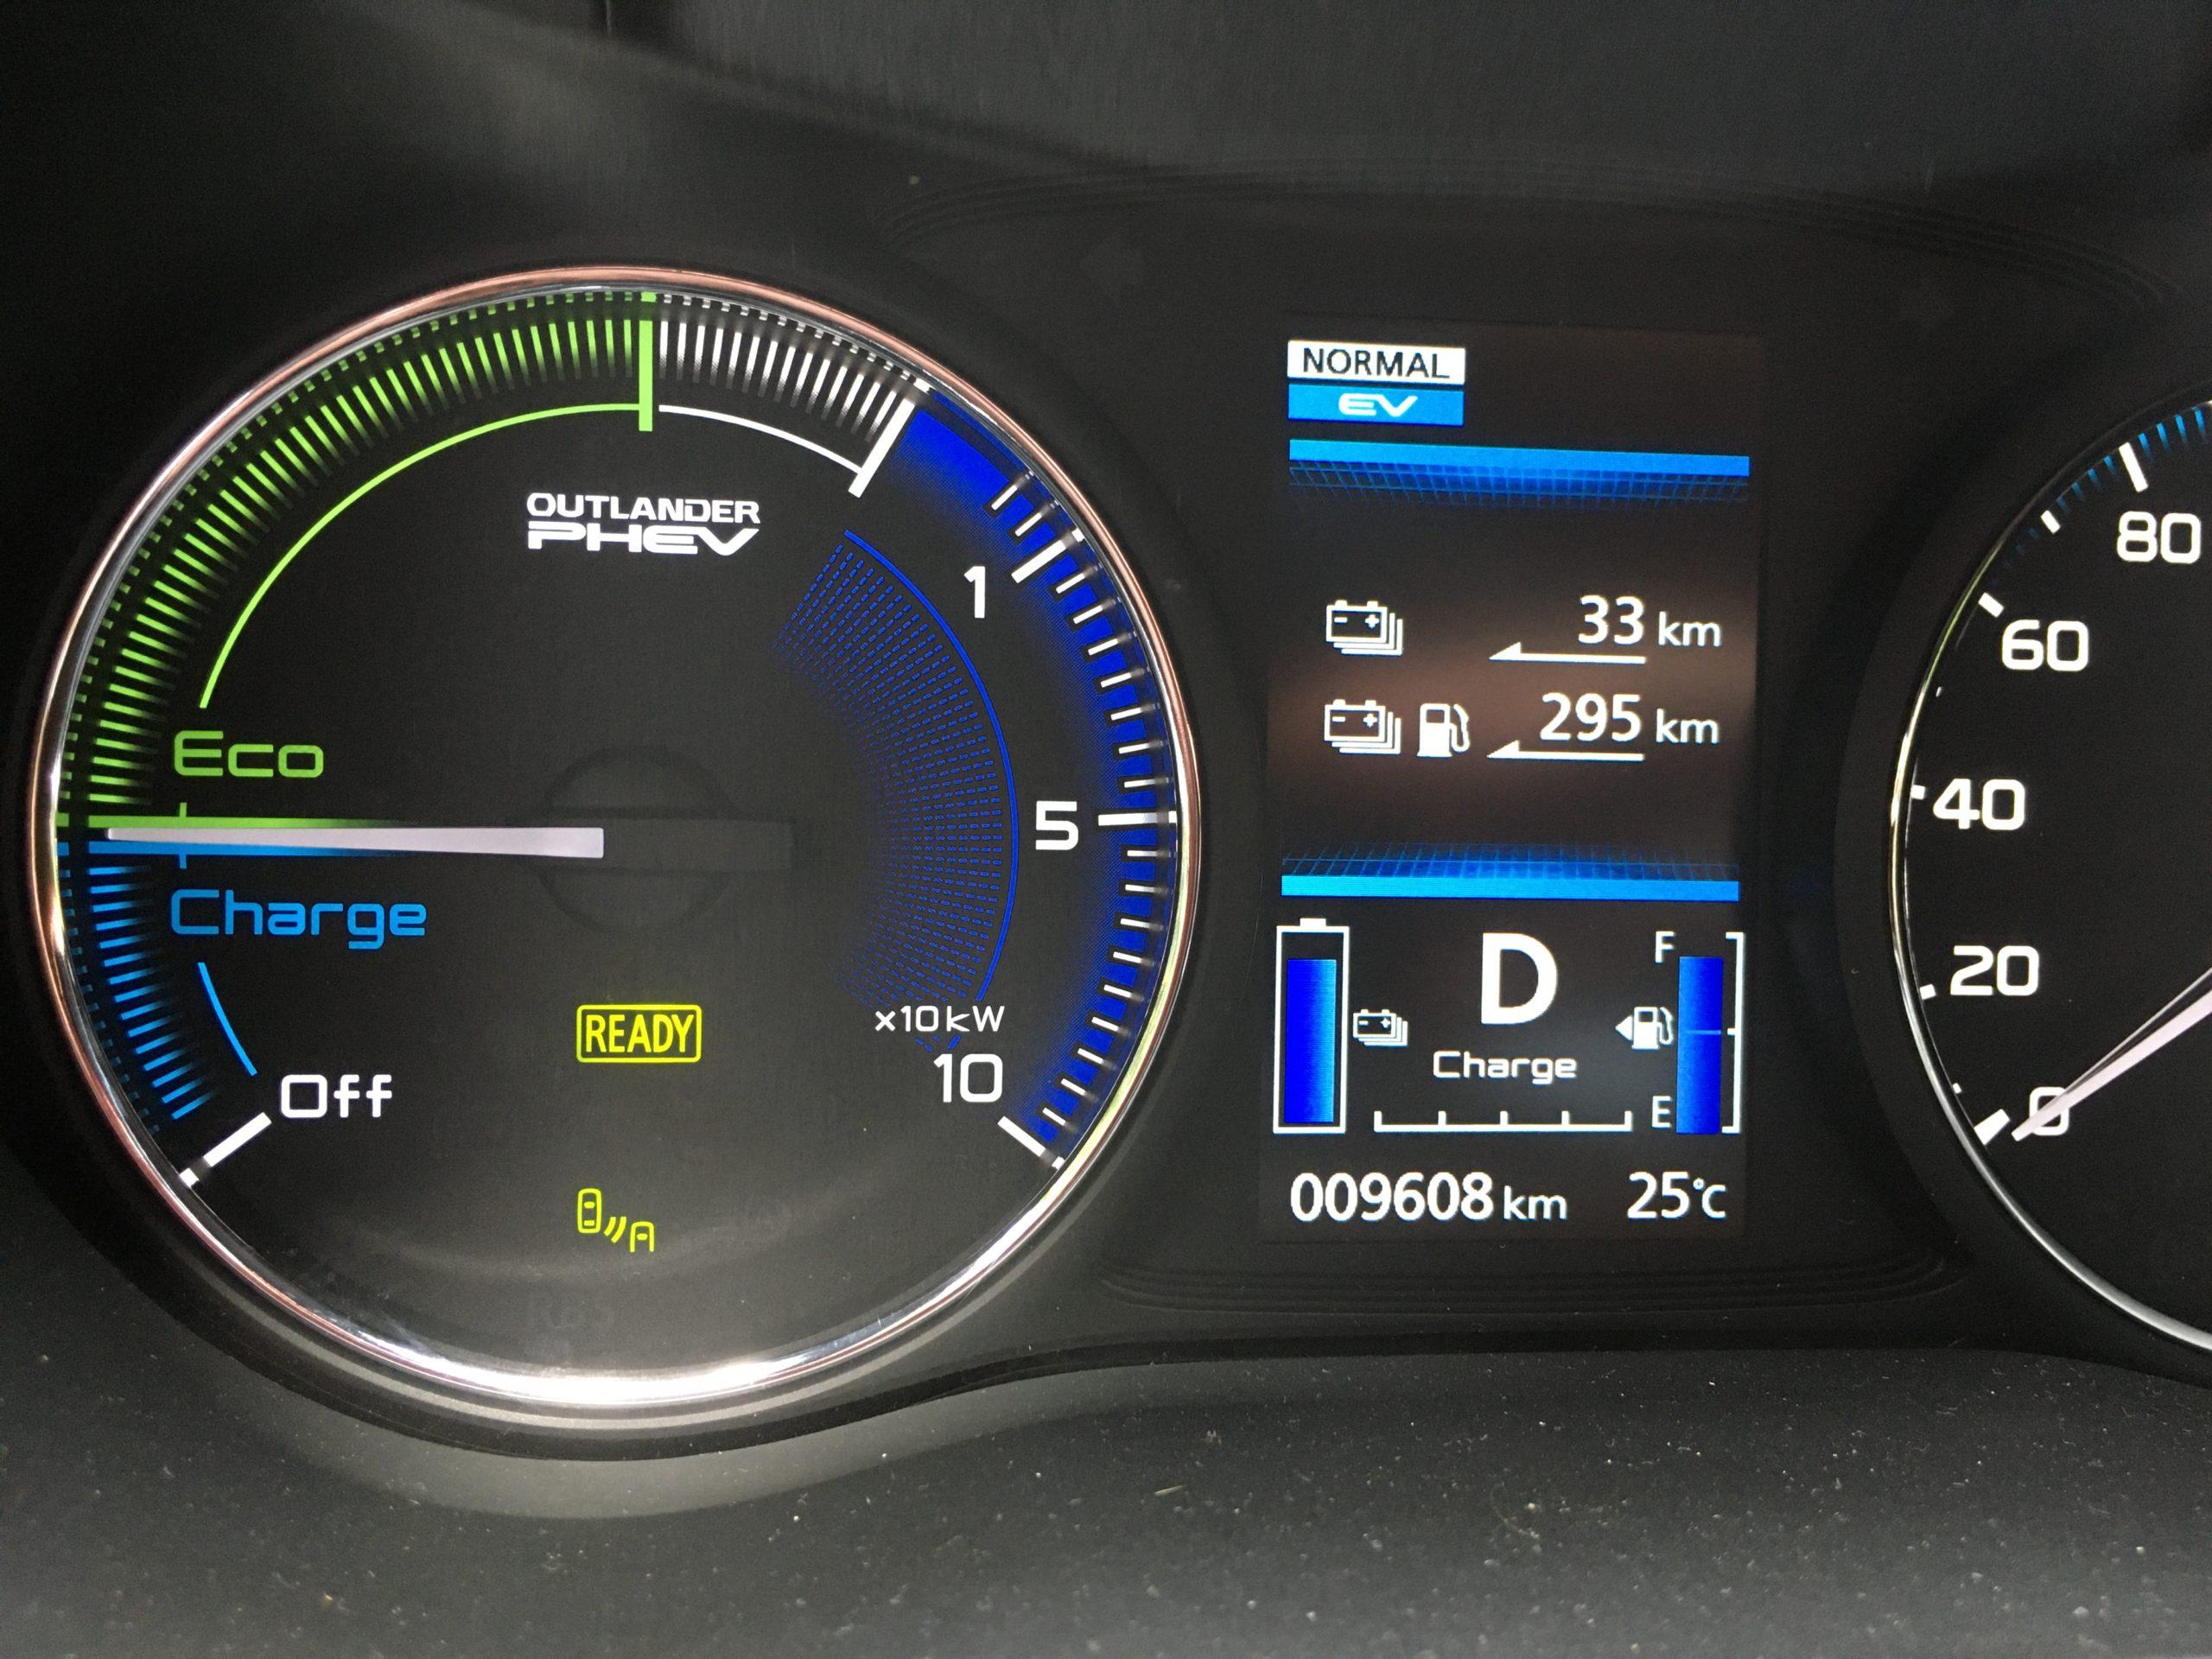 Kierowca Mitsubishi jest dobrze informowany o parametrach jazdy zeroemisyjnej